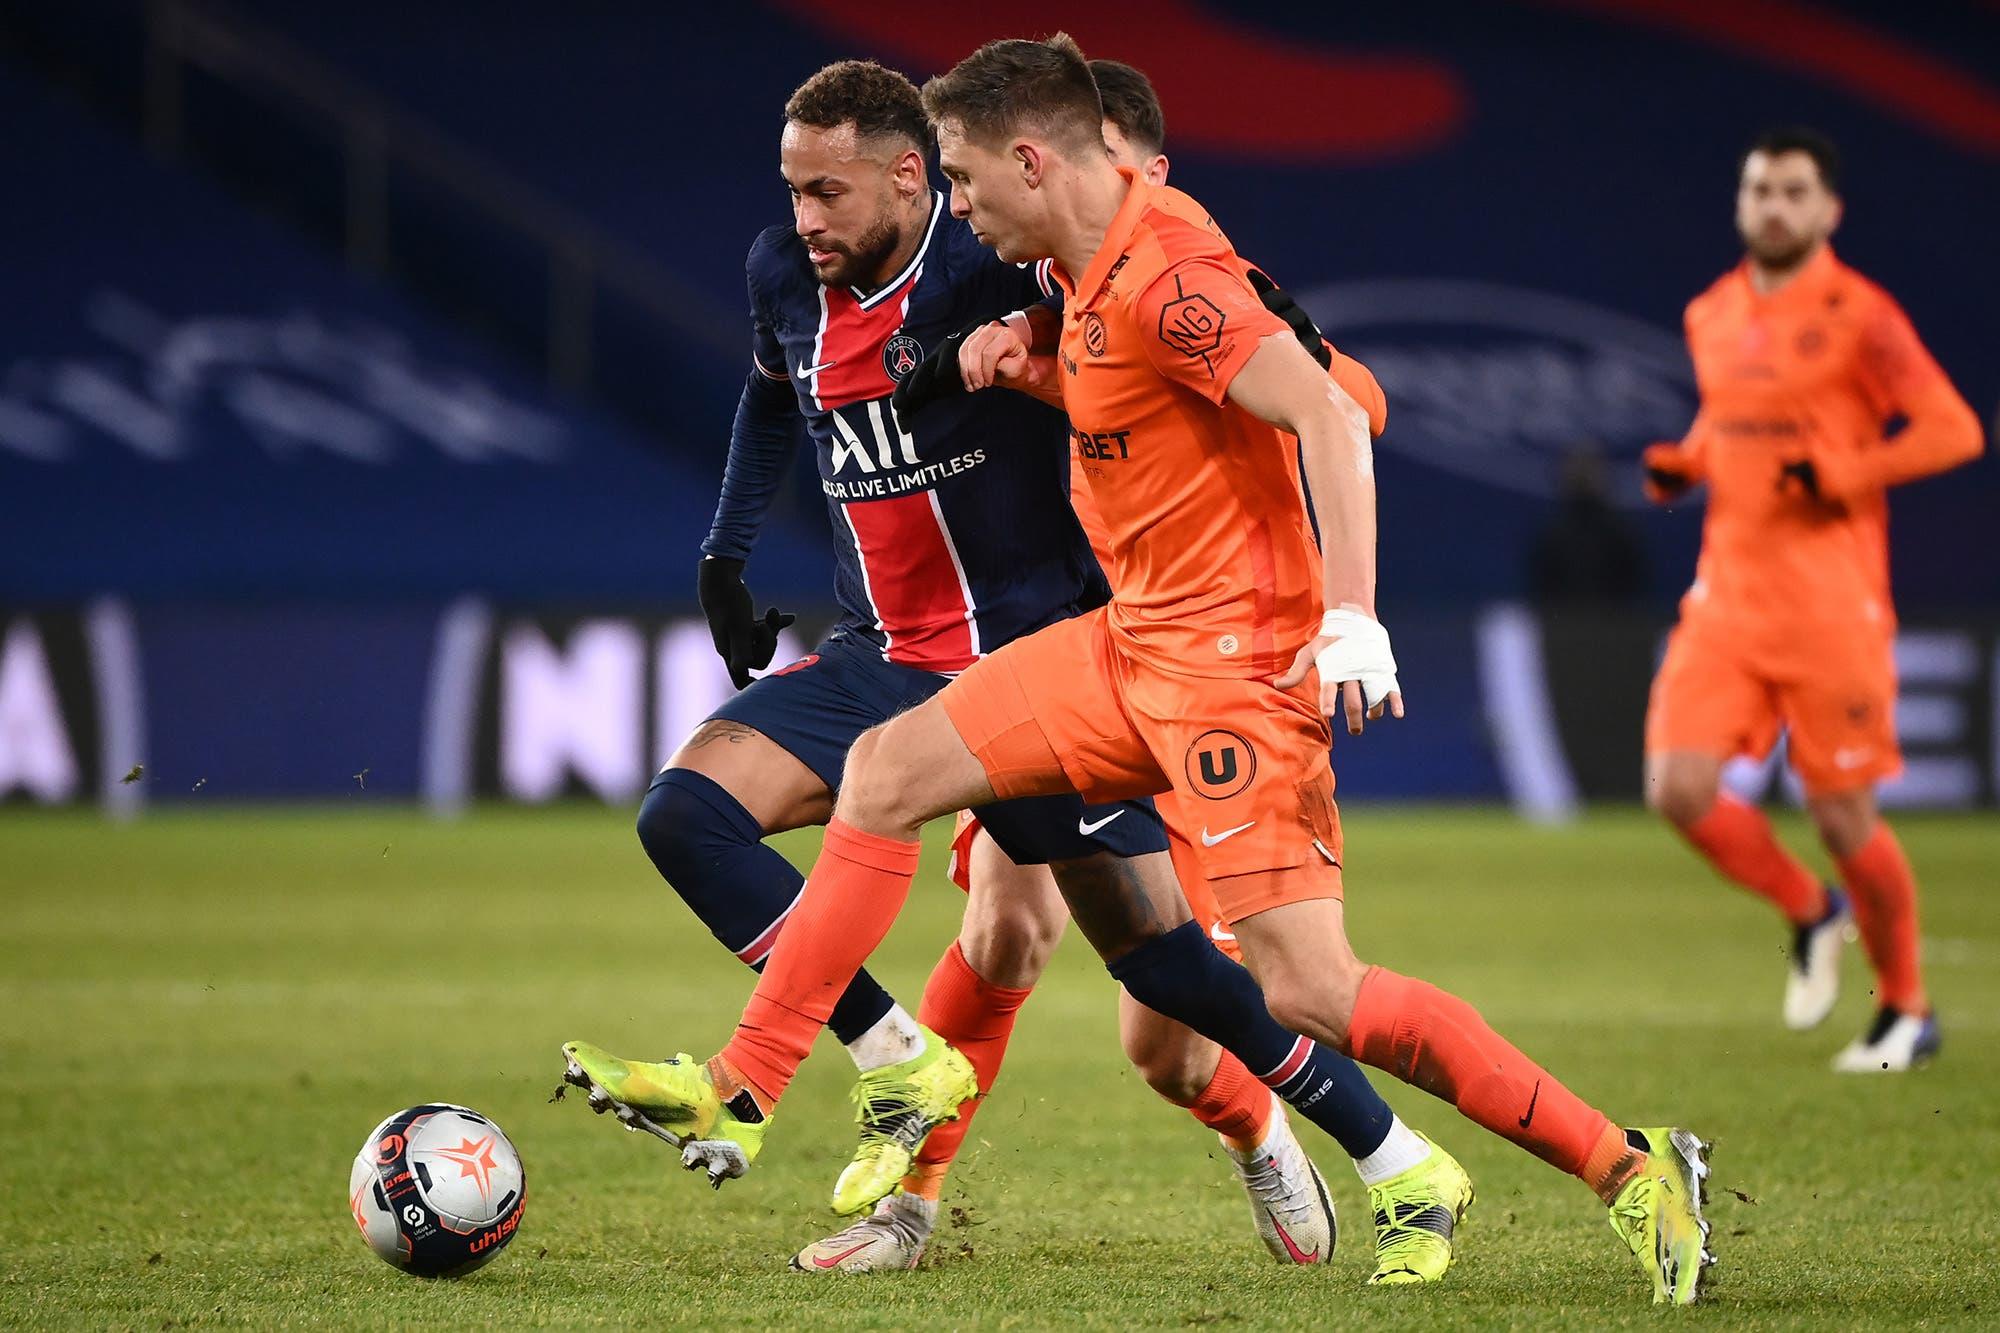 PSG goleó por 4-0 a Montpellier por la Ligue 1 de Francia con goles de Icardi, Neymar y Mbappé en el regreso de Mauricio Pochettino tras superar el Covid-19